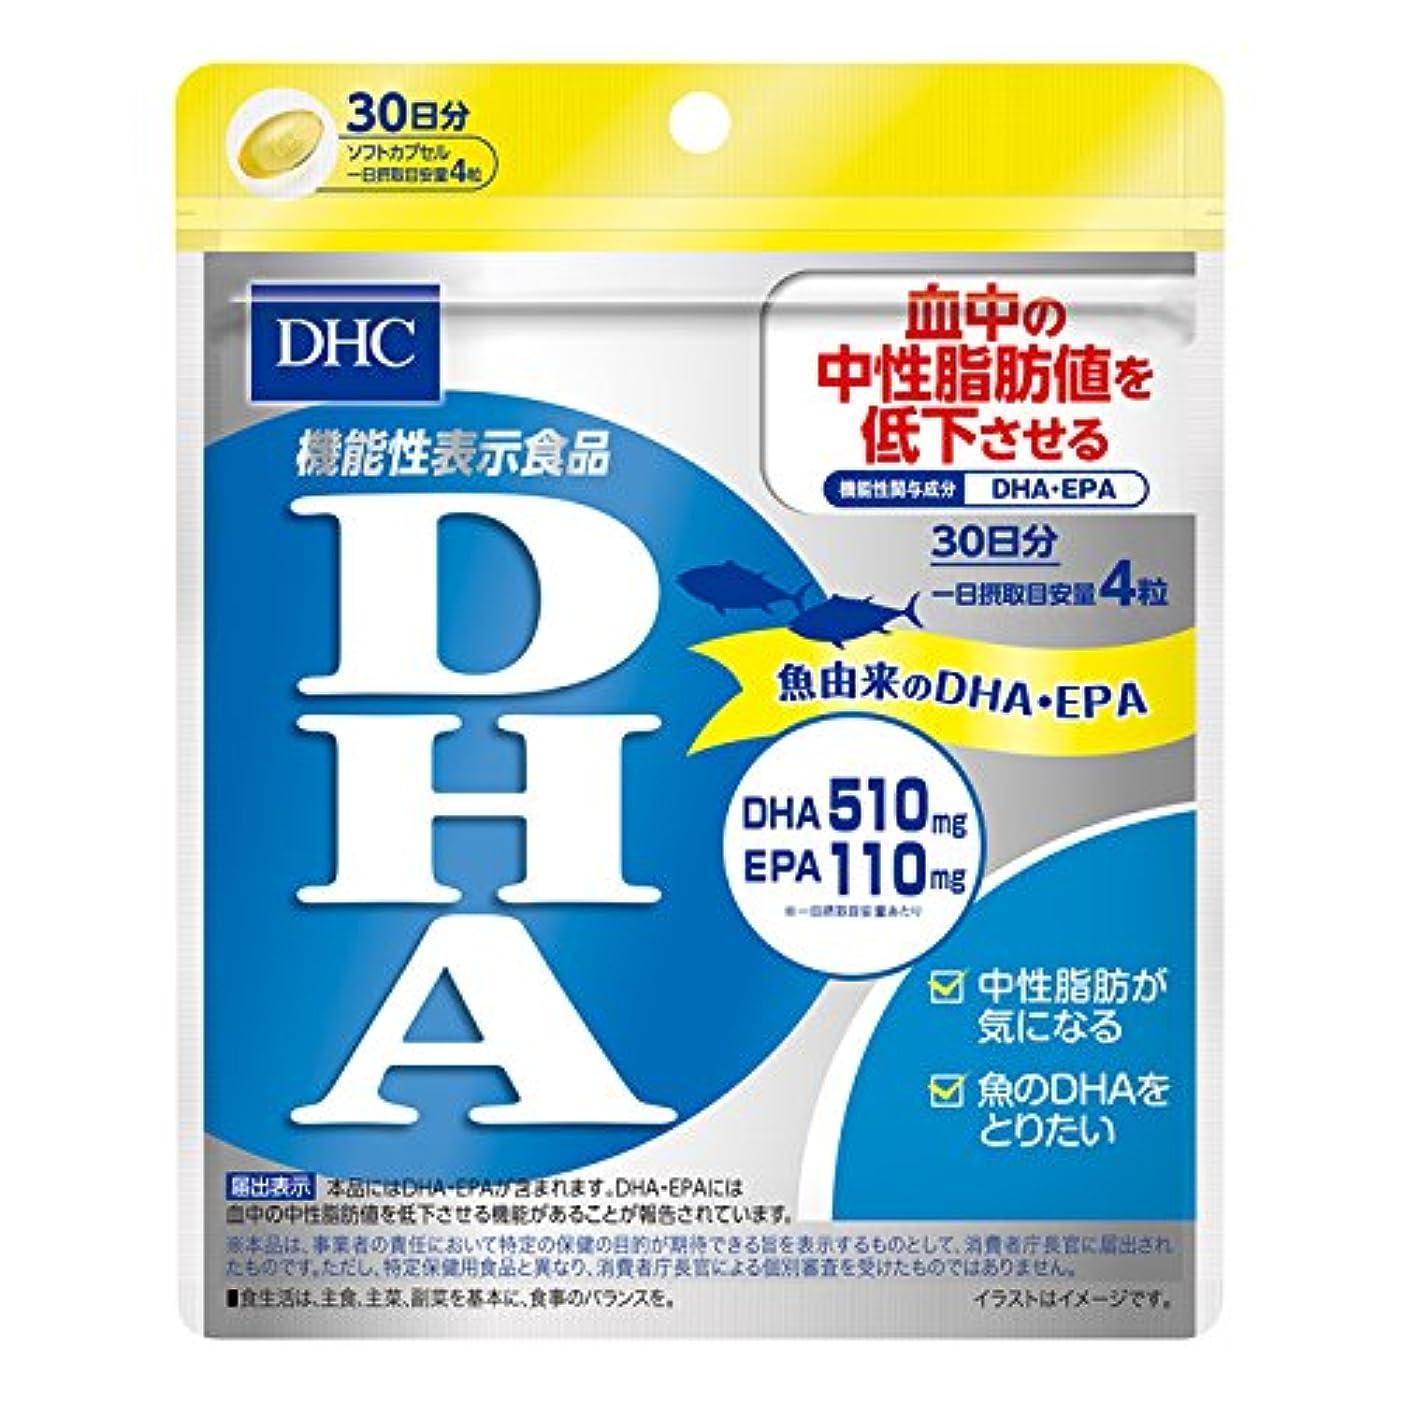 ピニオン概要マイコンDHC DHA 30日分 [機能性表示食品]